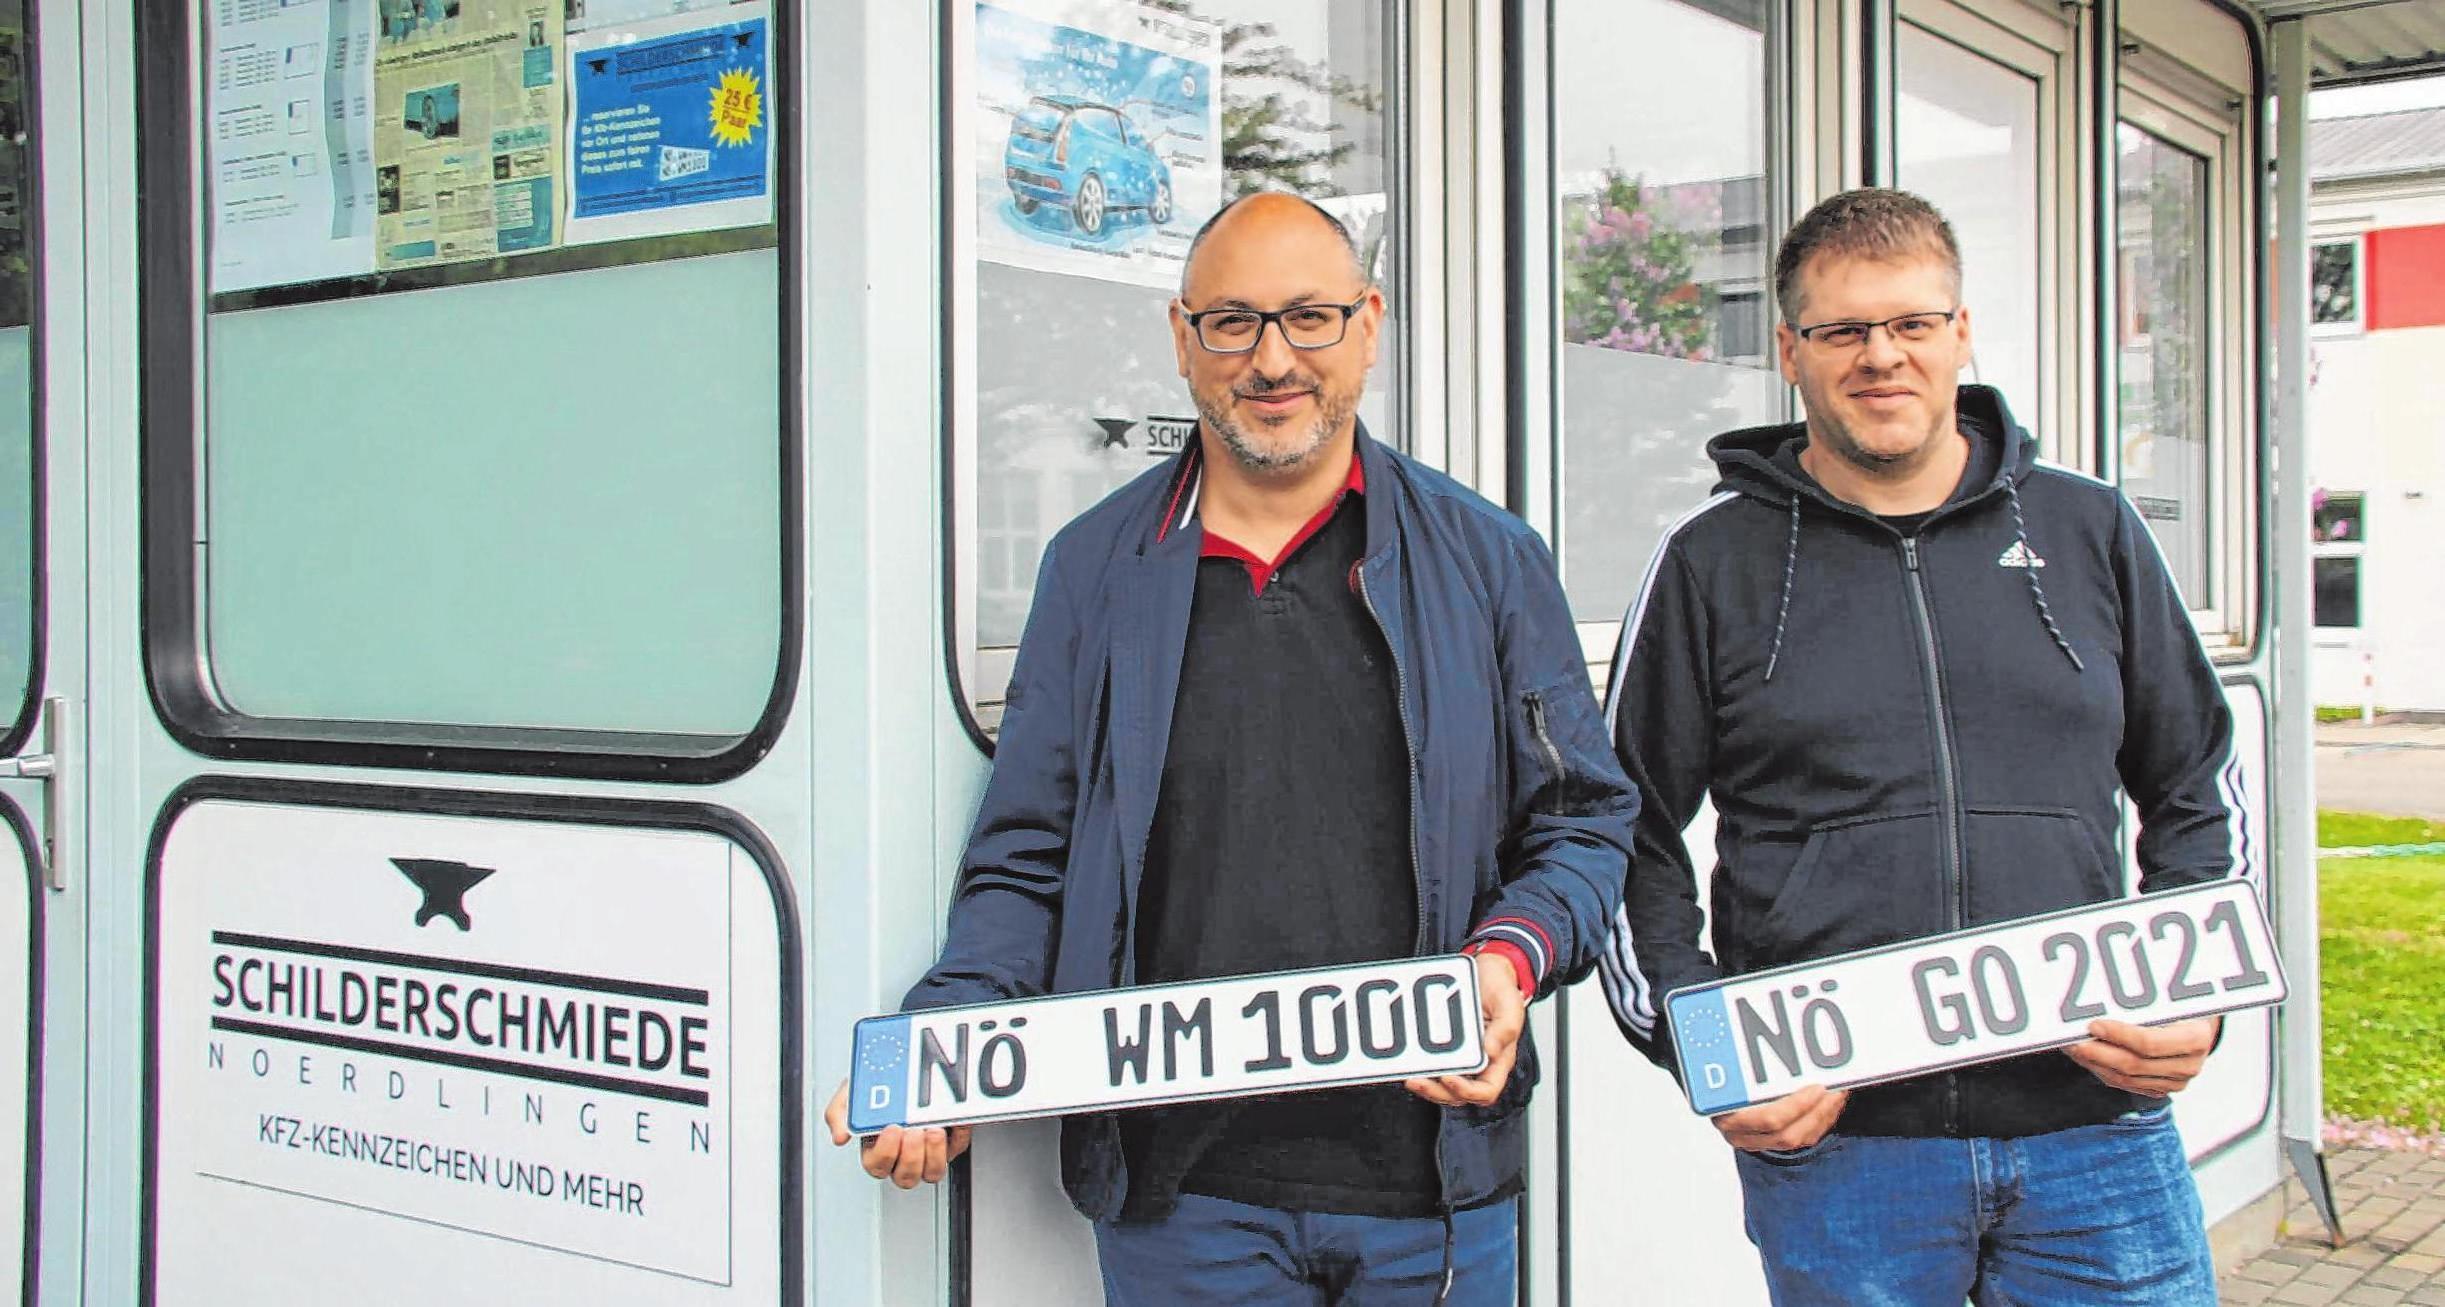 Stefan Müller (rechts) und Mario Wörle bieten seit fünf Jahren Kennzeichen zu günstigen Preisen an. Foto: Maximilian Bosch